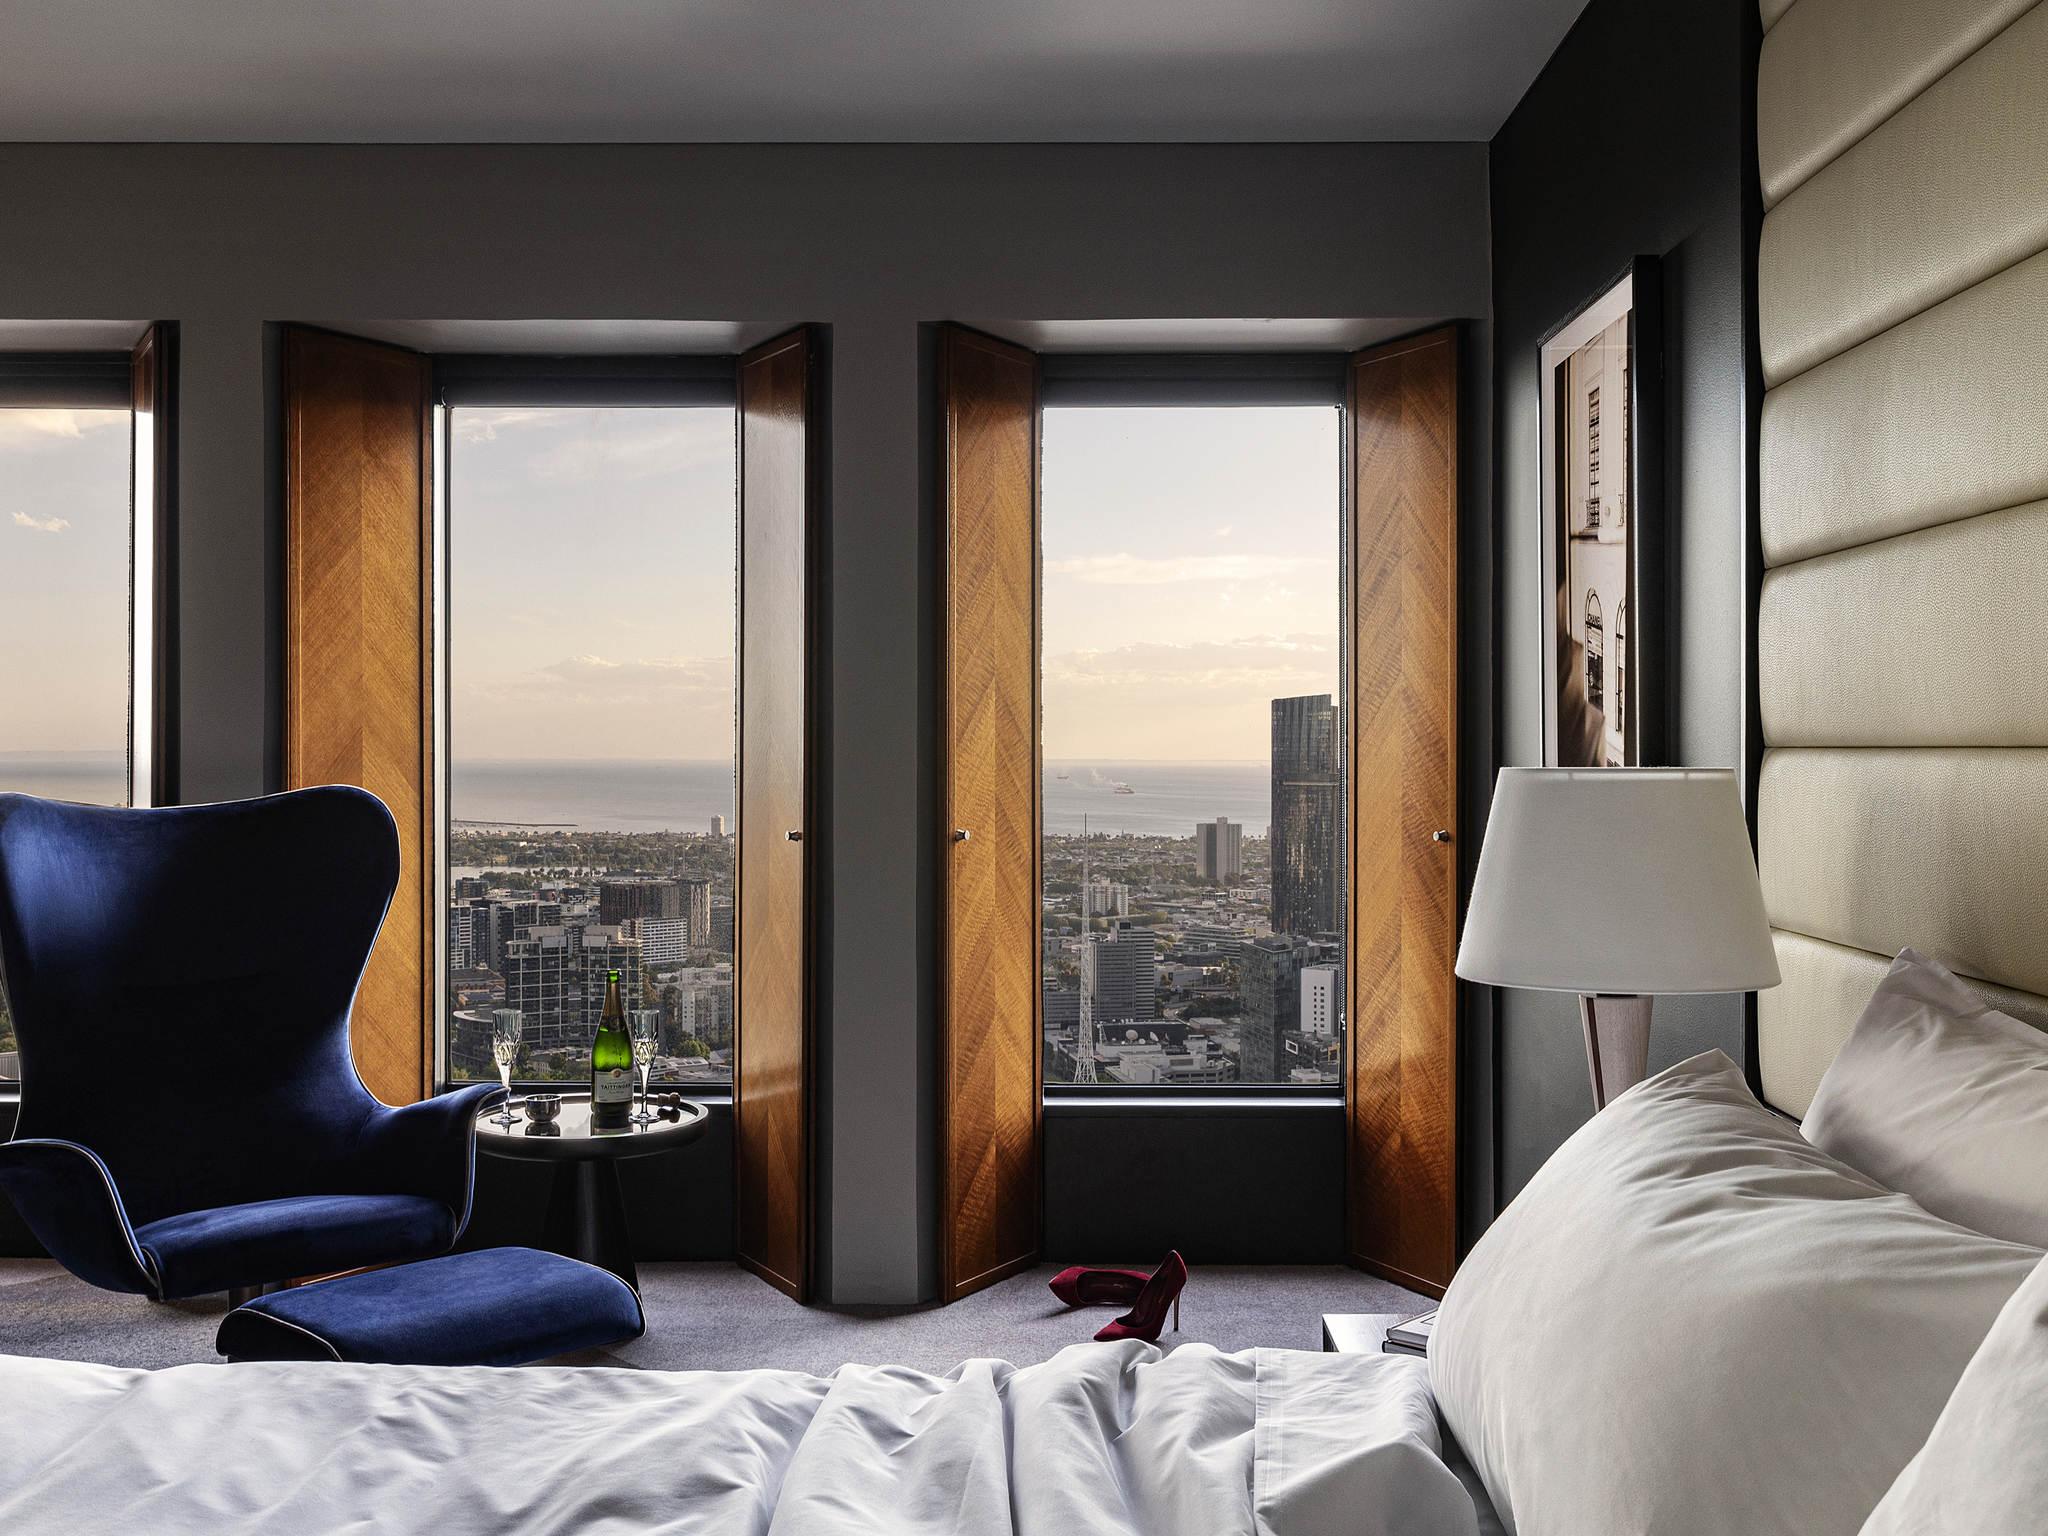 โรงแรม – โซฟิเทล เมลเบิร์น ออน คอลลินส์